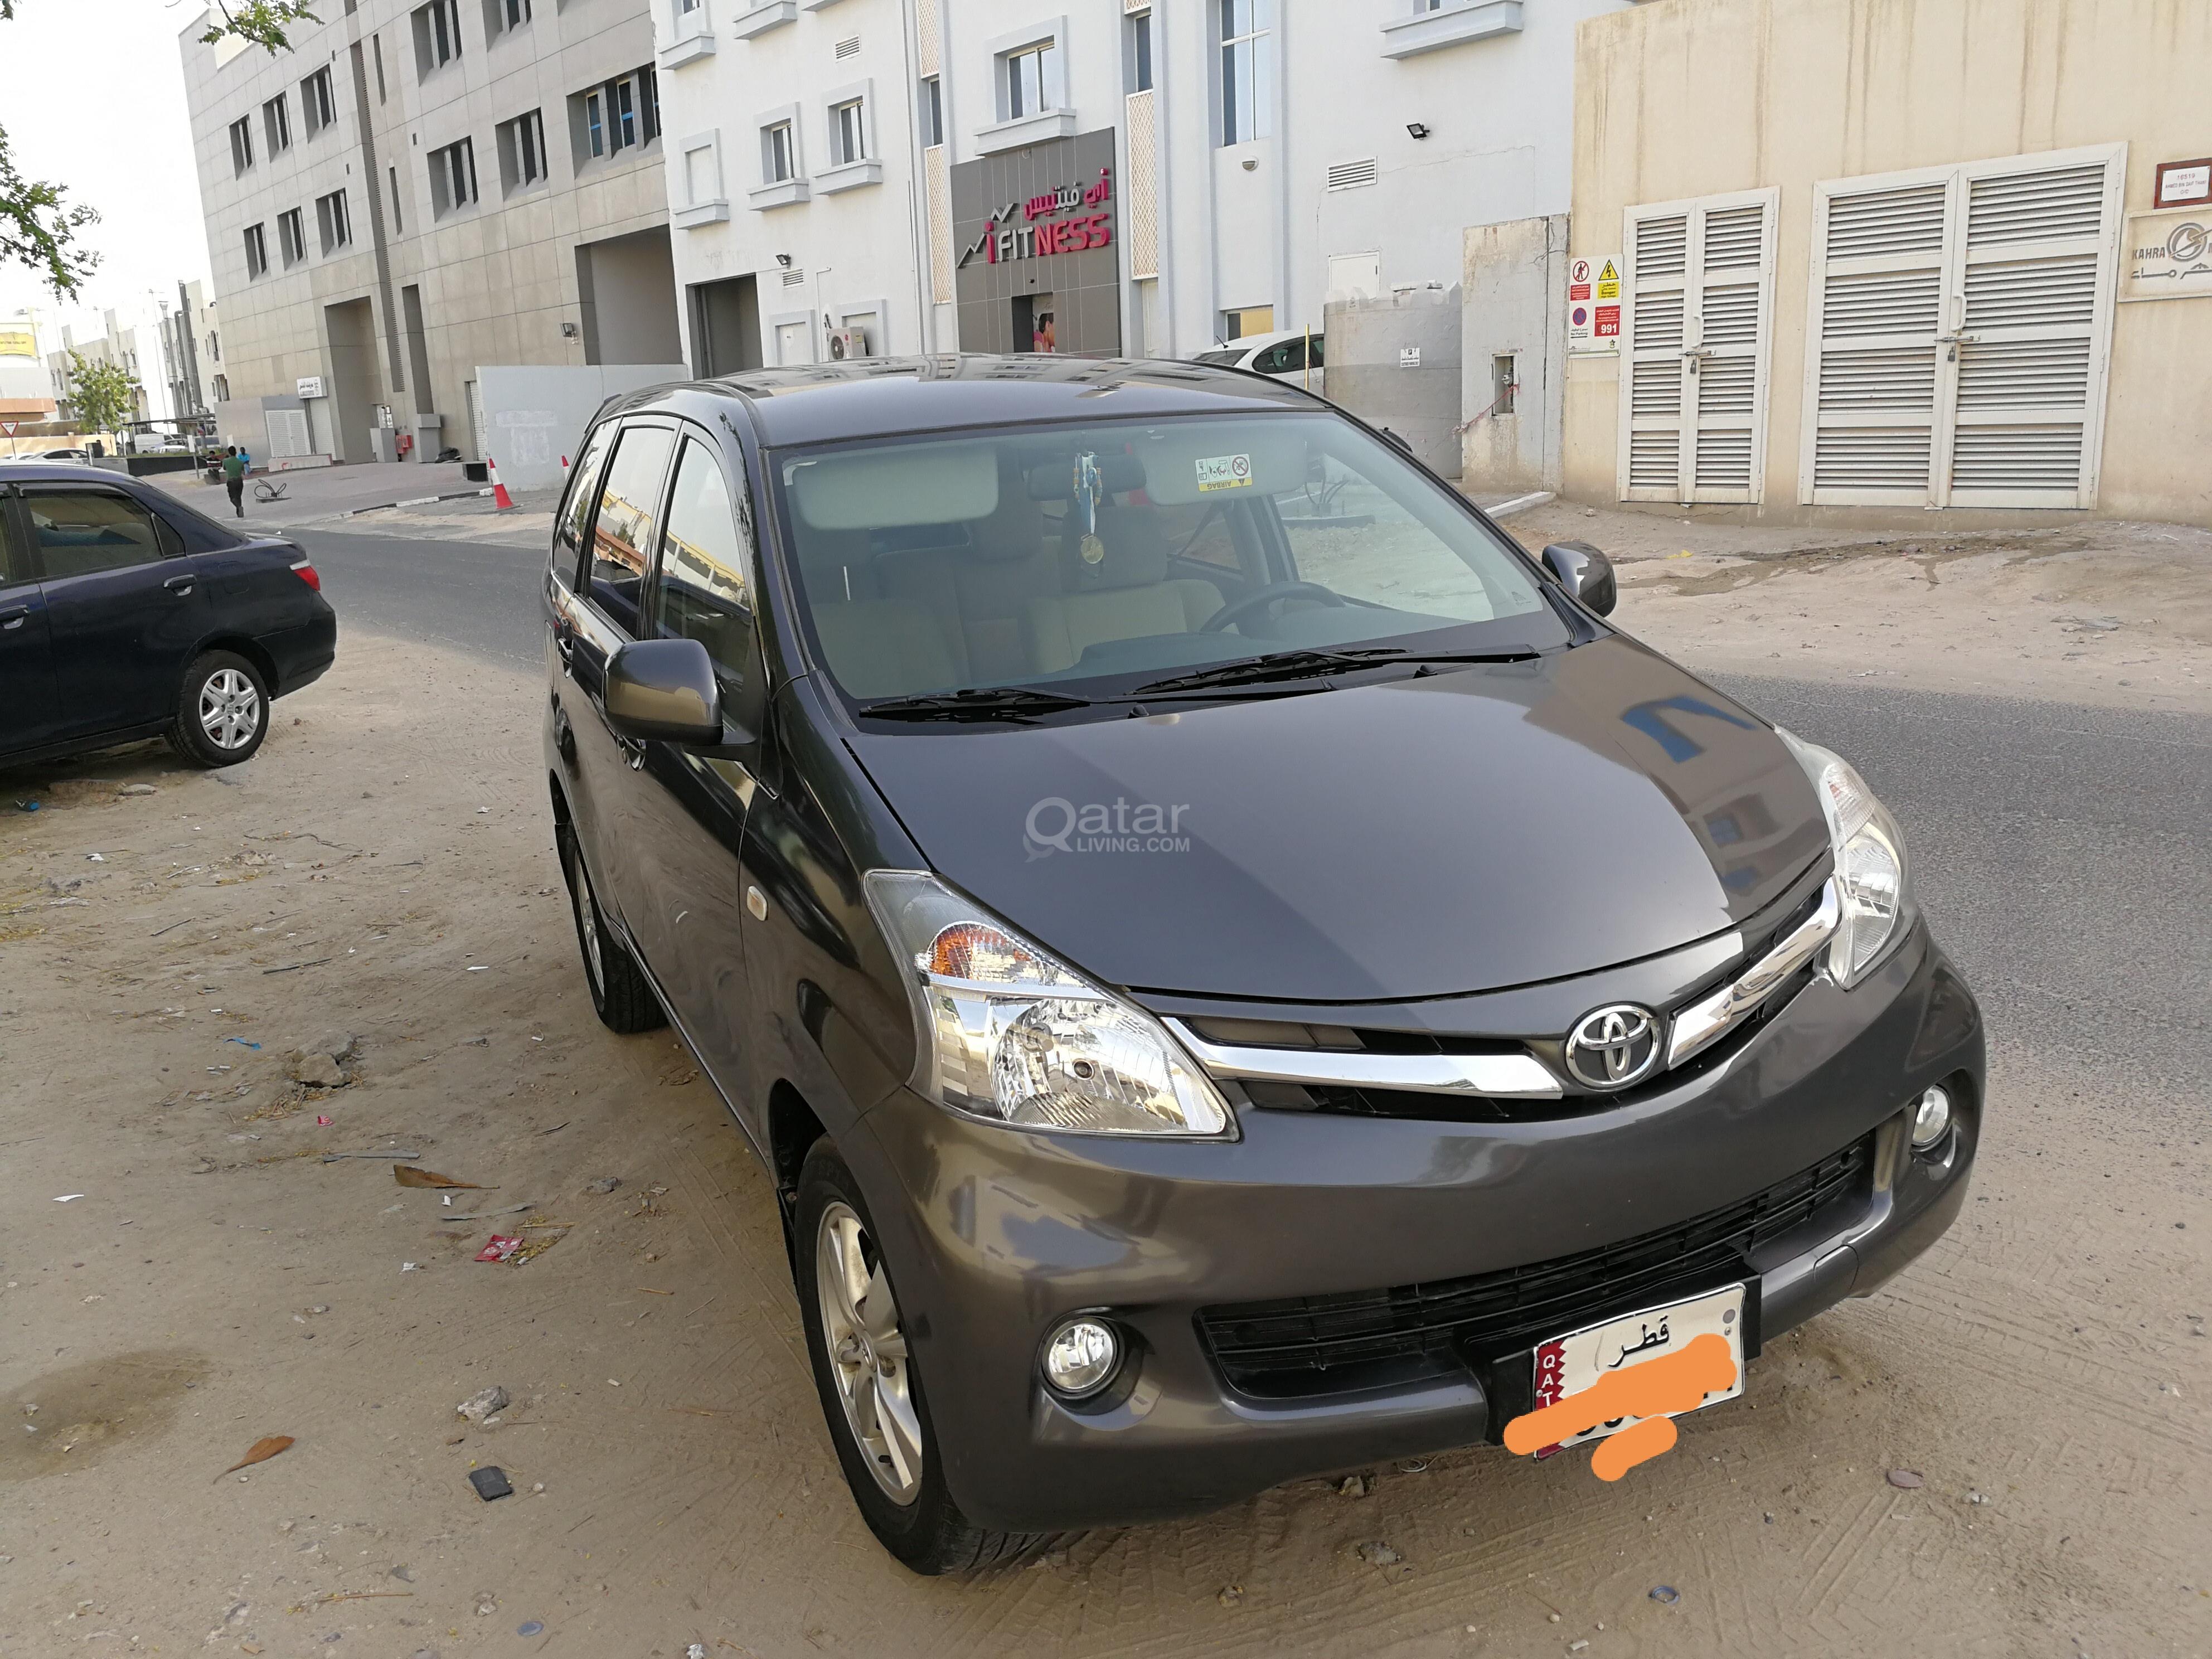 Kelebihan Kekurangan Toyota Avanza 2015 Perbandingan Harga